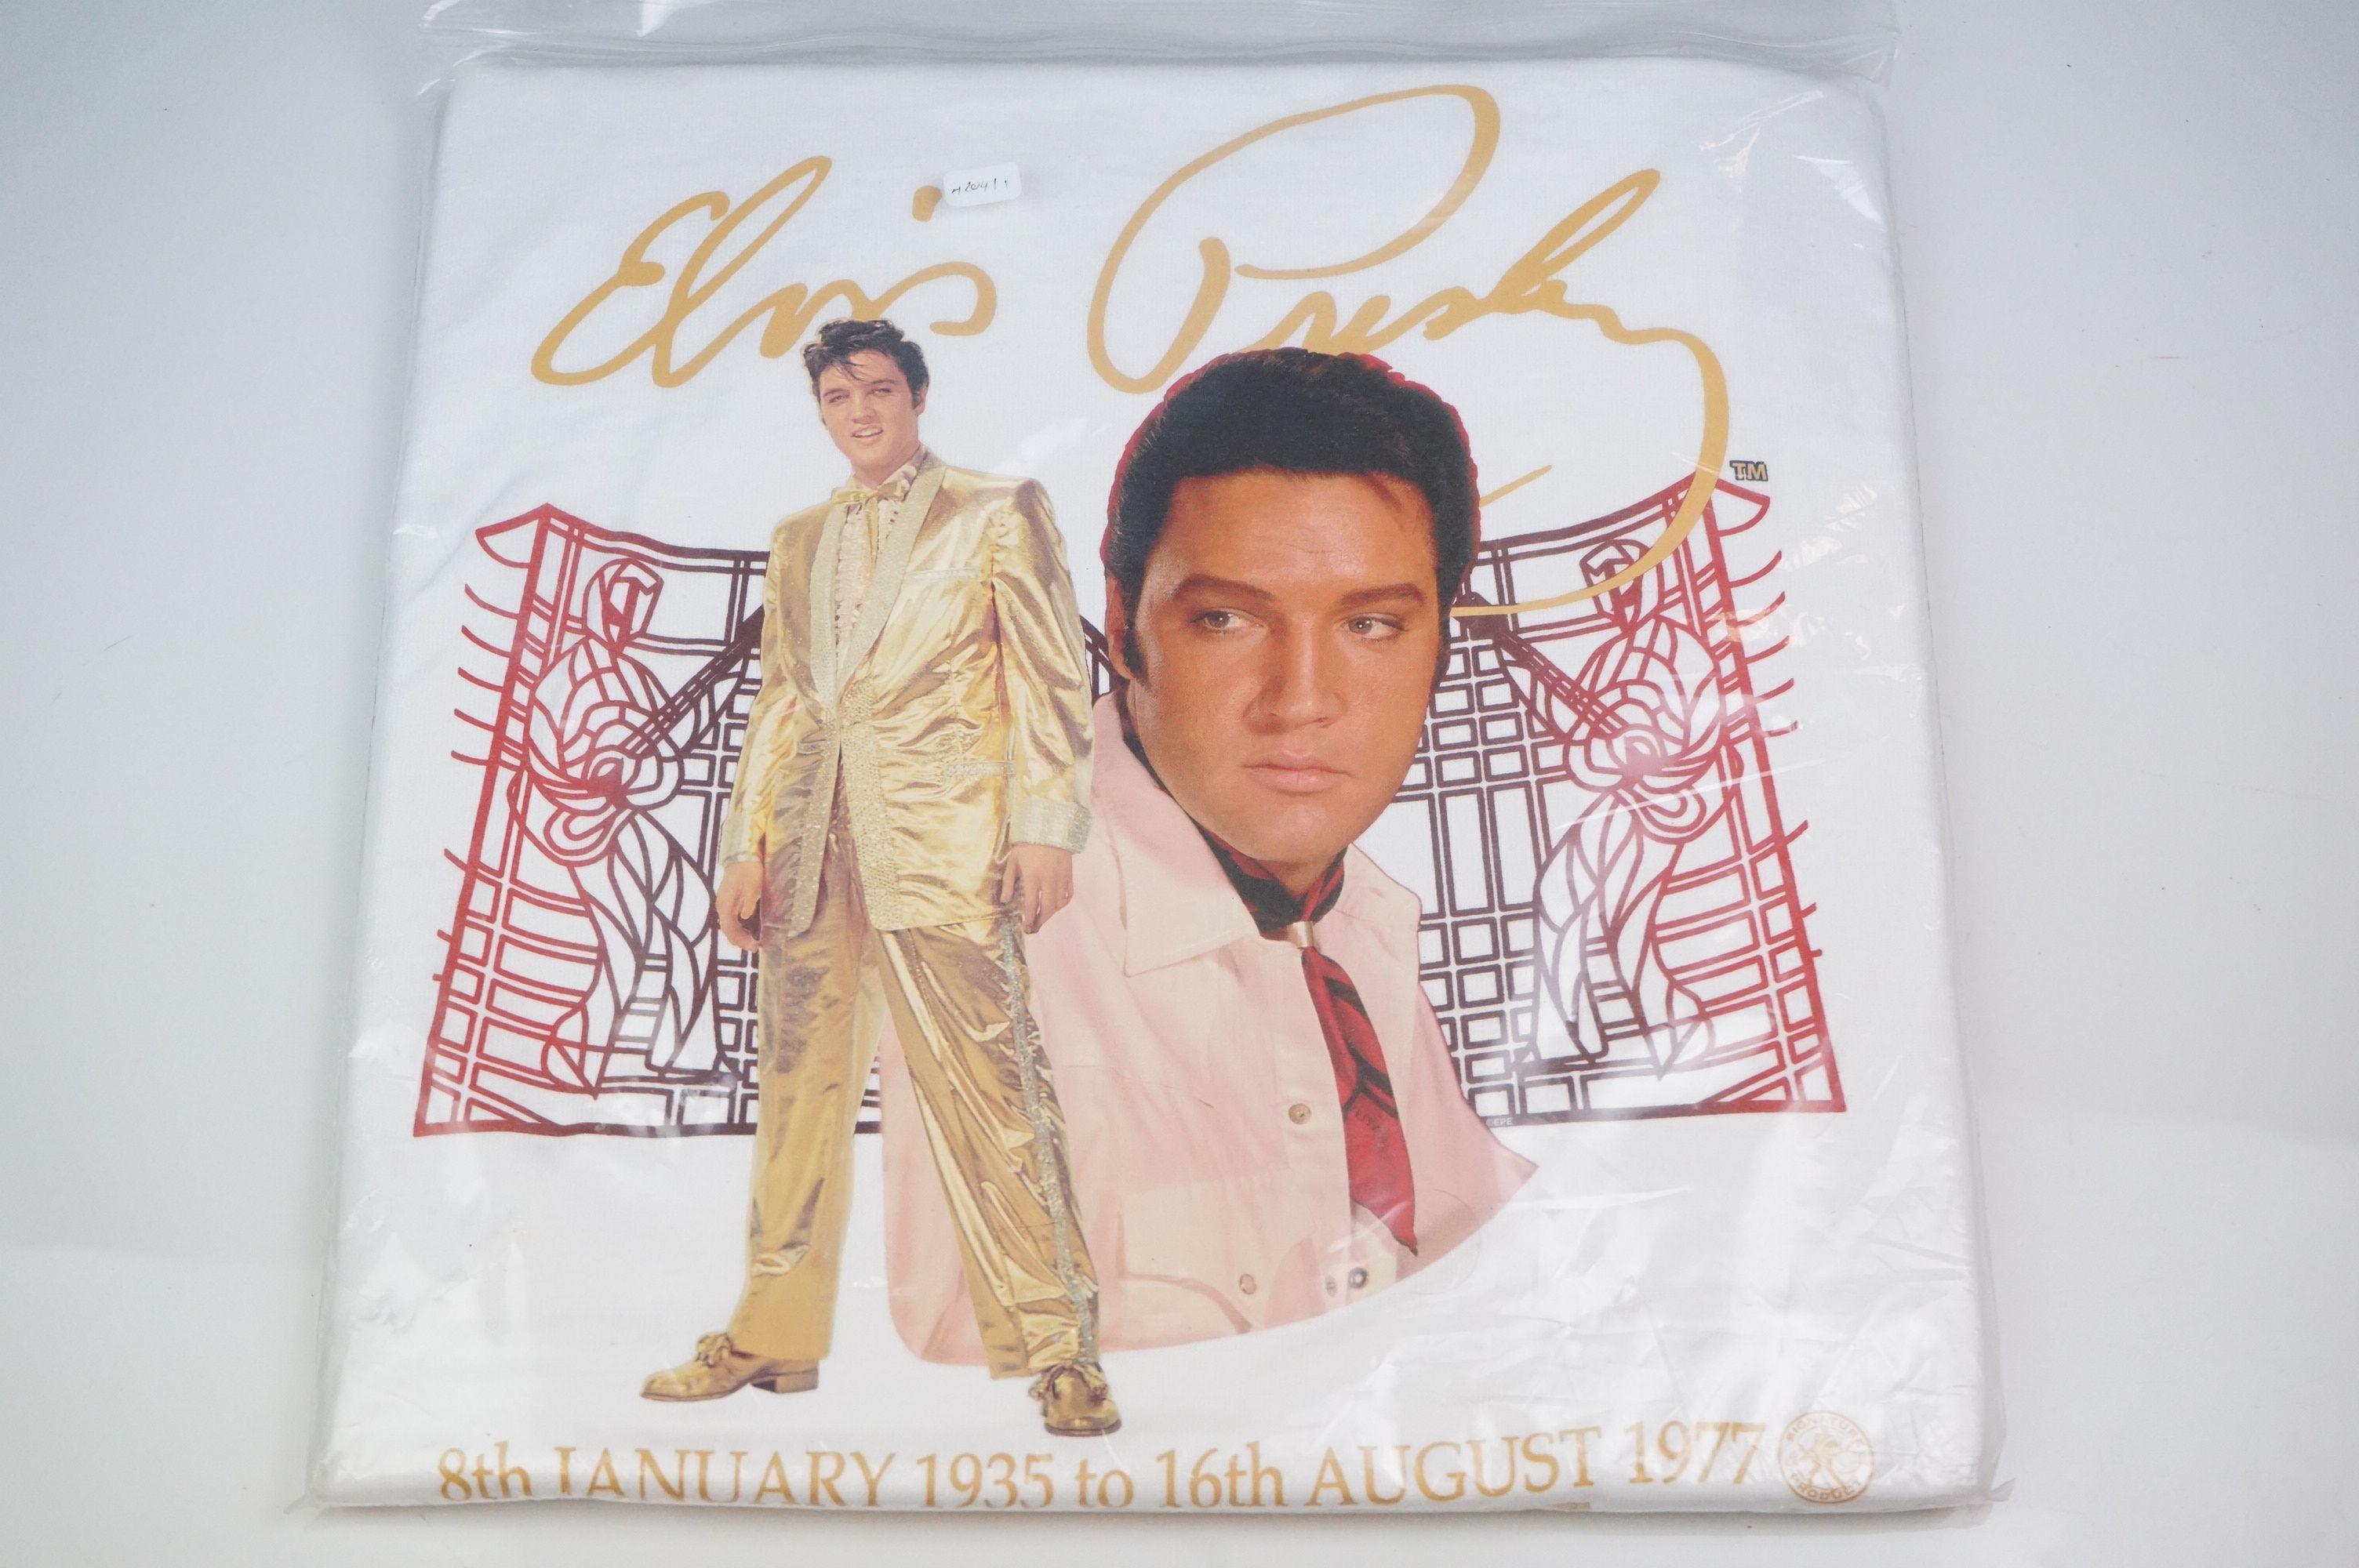 Elvis Presley memorabilia, to include Elvis Treasures, vintage jigsaw, Fruits Of The Loom Elvis T - Image 8 of 9